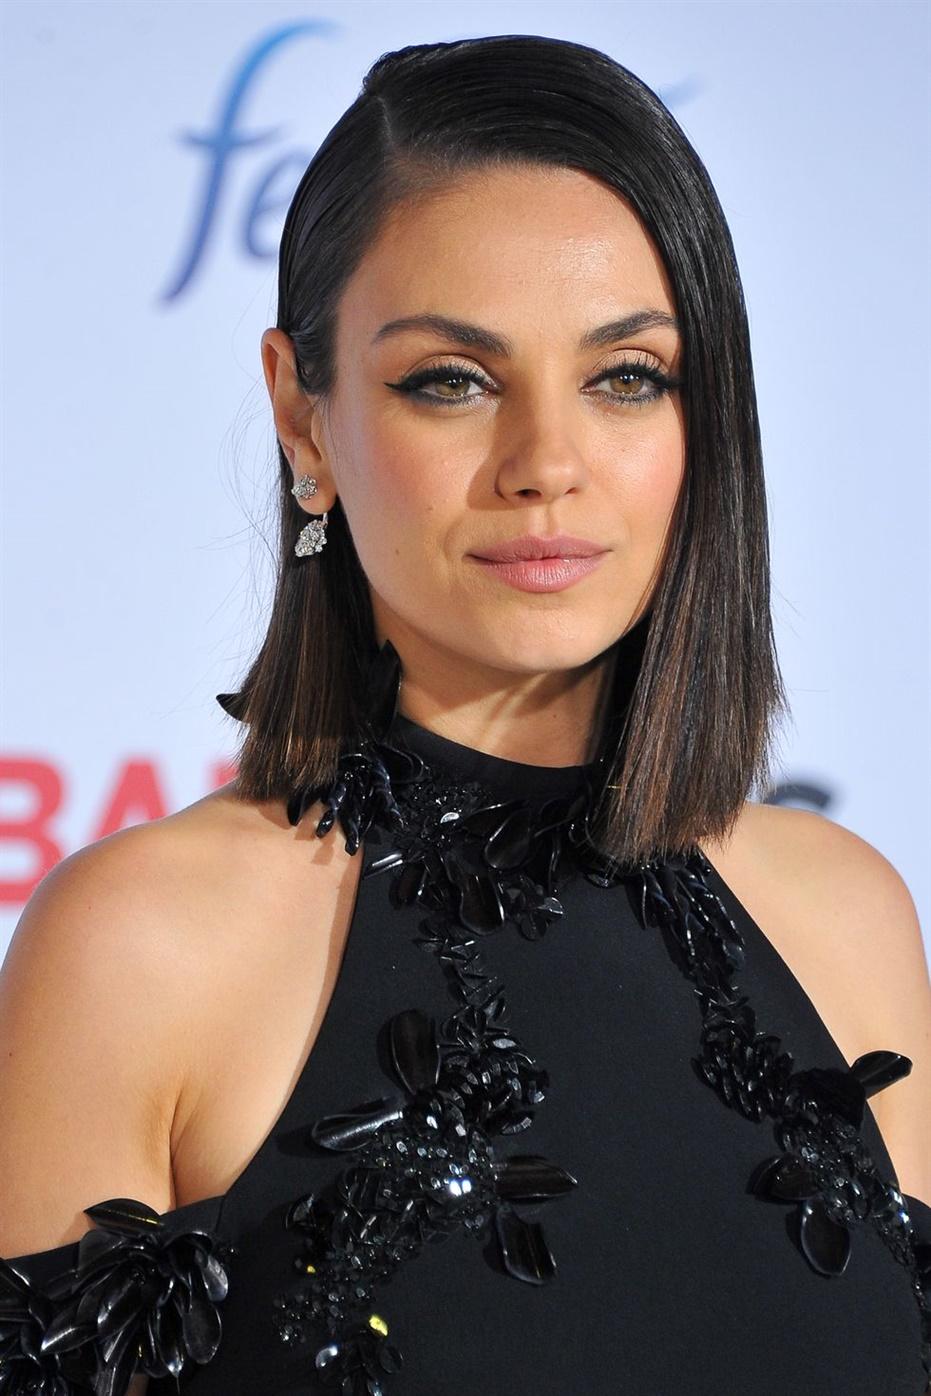 Beste Haarschnitte Frauen Straight Bob Wenn Sie einen asymmetrischen Bobschnitt haben, verwenden Sie ein Glätteisen, um einen ultraschlanken Look zu erhalten.